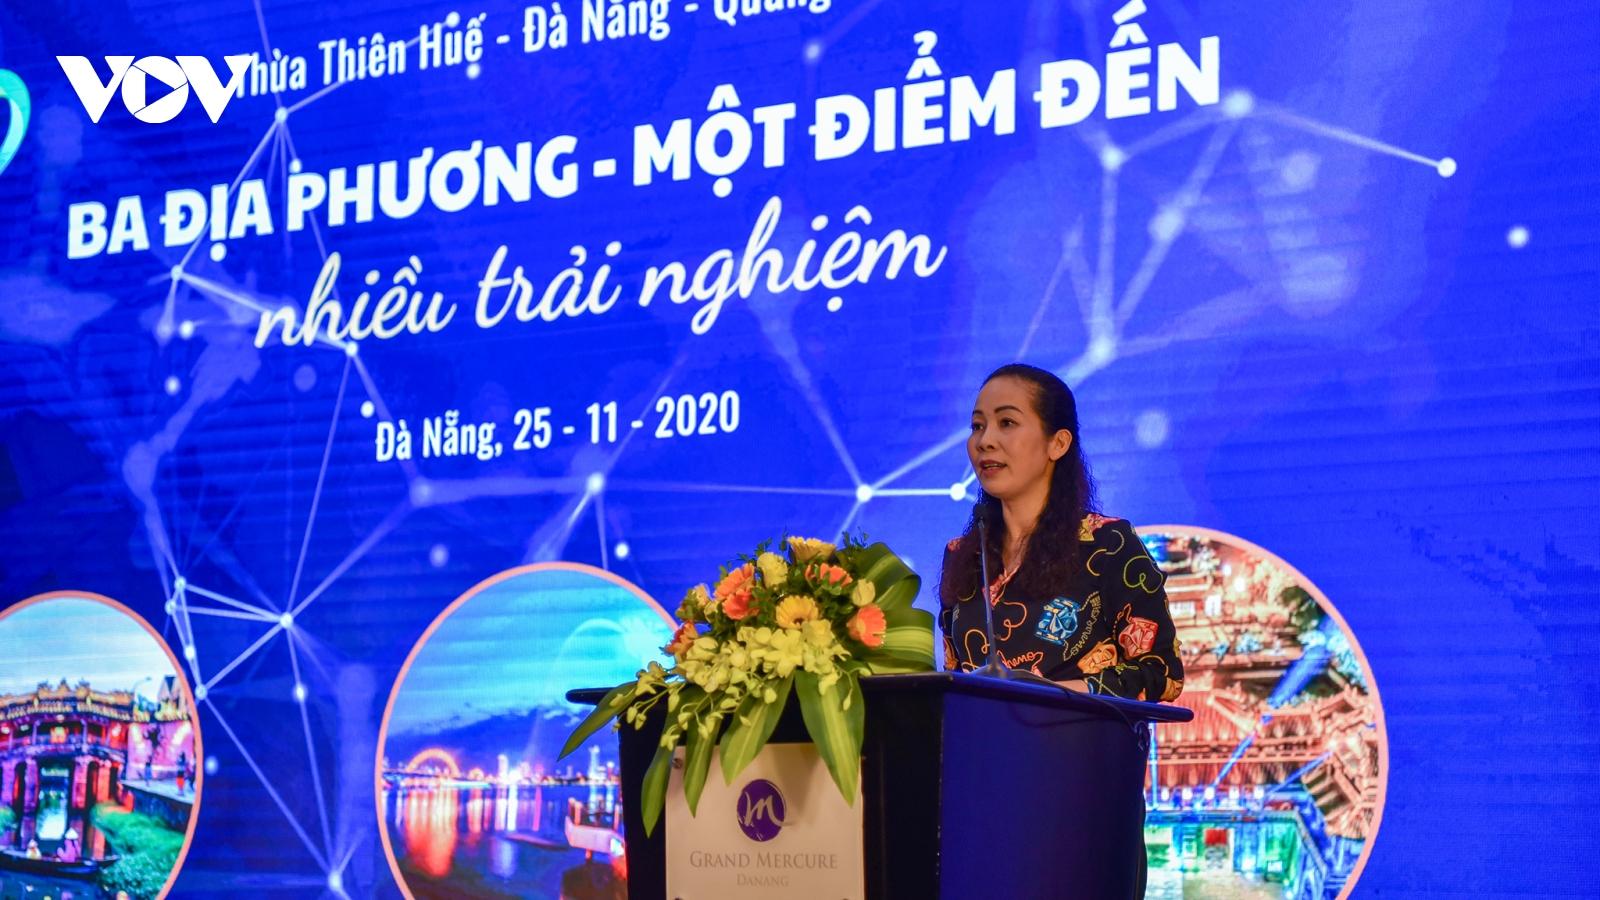 Đà Nẵng, Thừa Thiên Huế, Quảng Nam tái khởi động du lịch sau thiên tai và dịch Covid-19